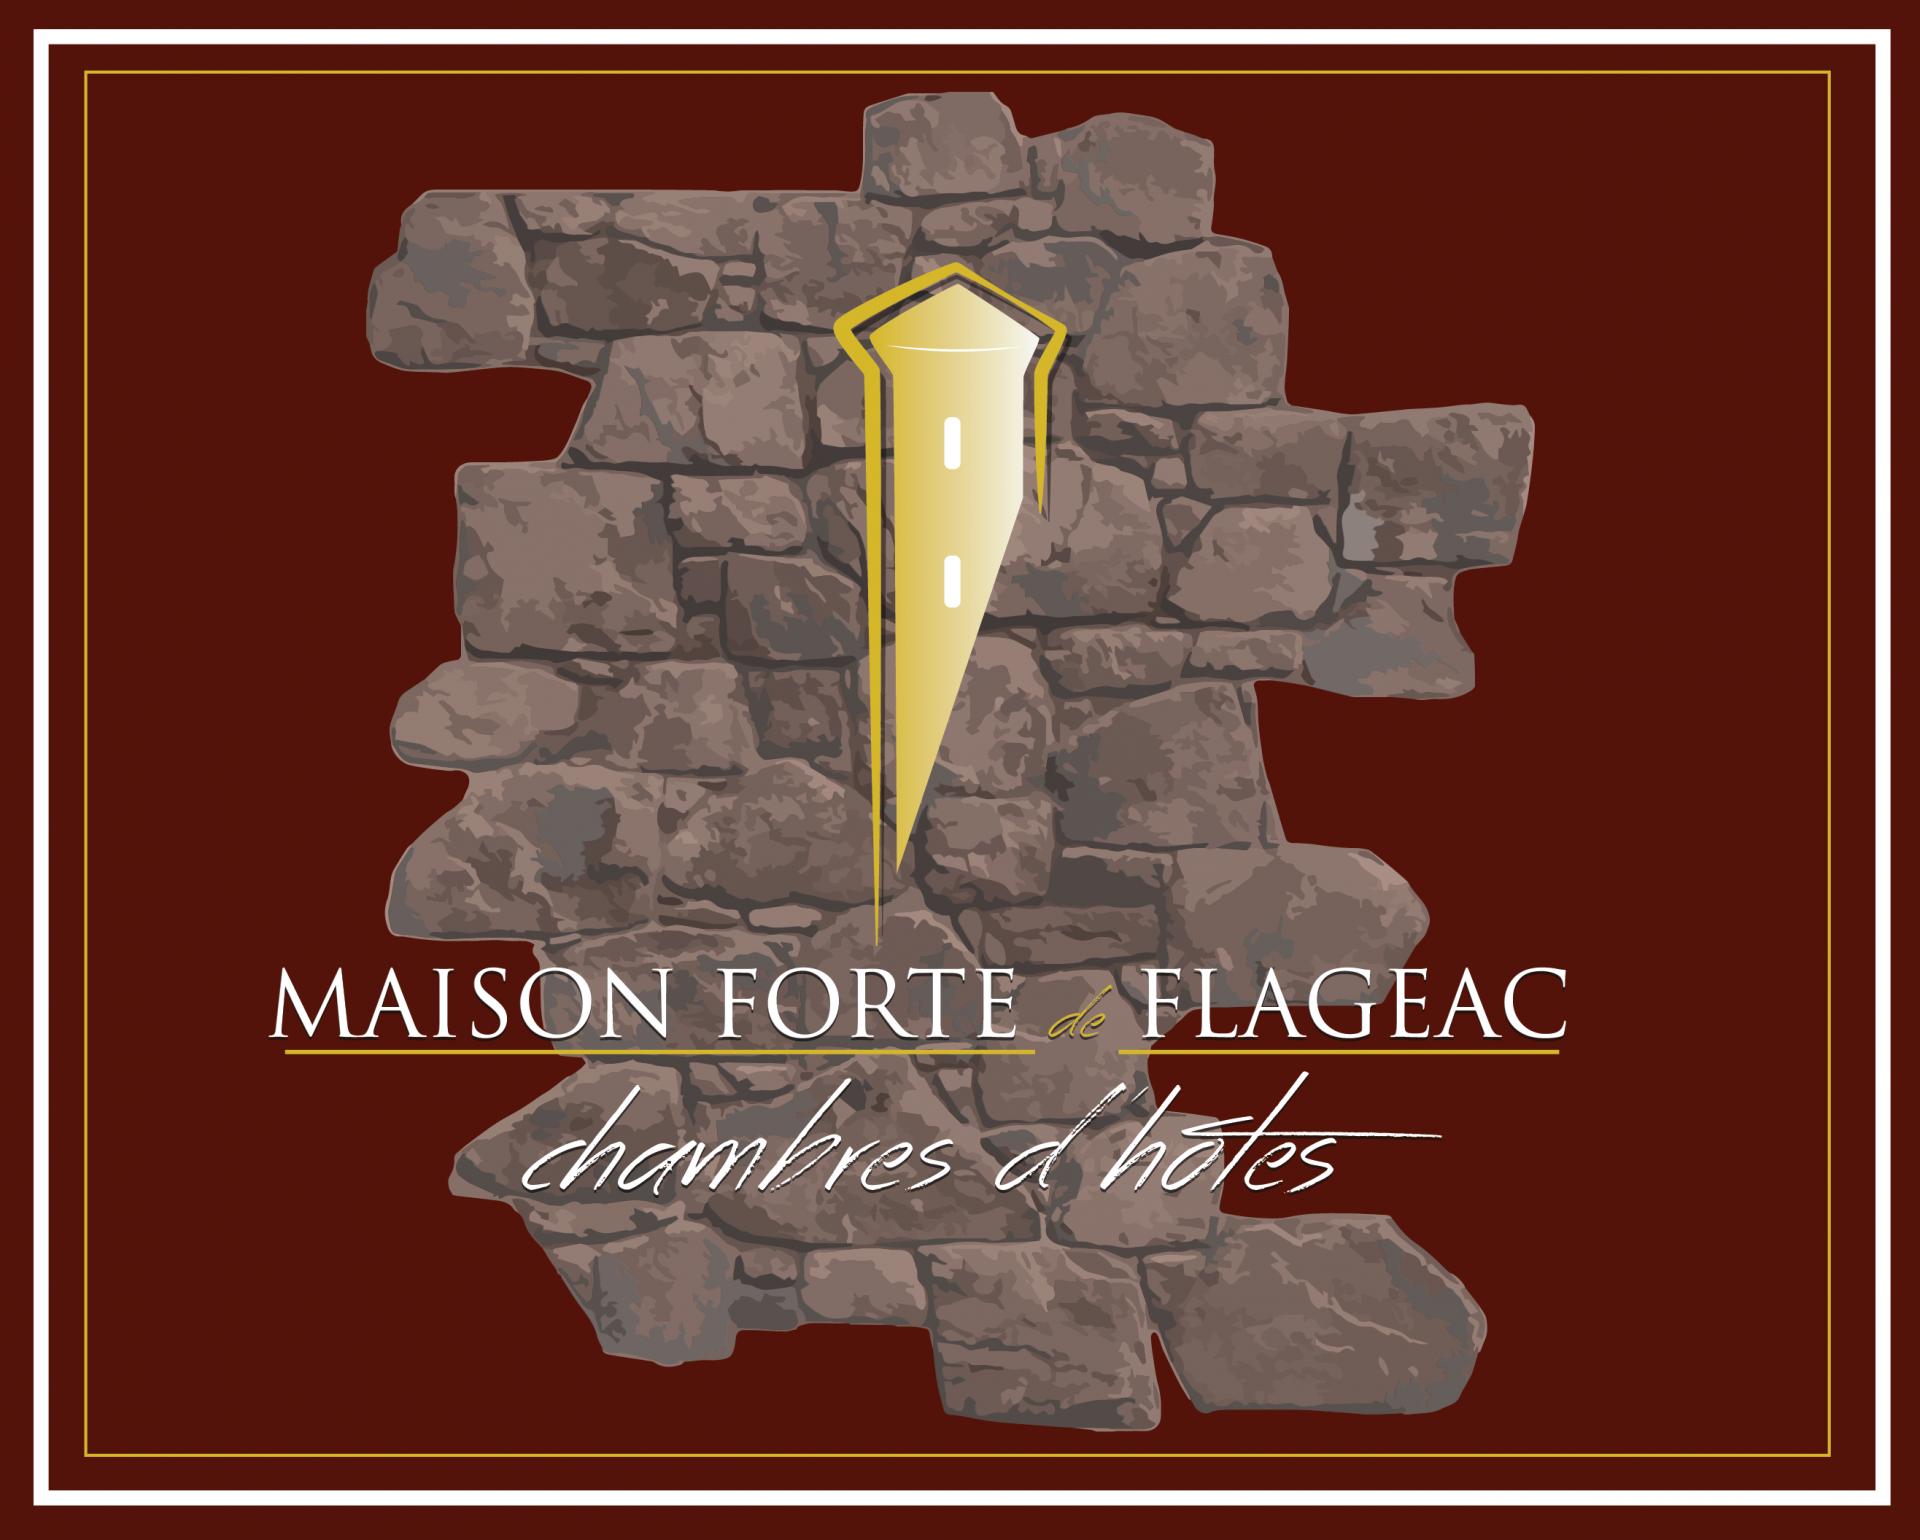 logo maison forte de flageac